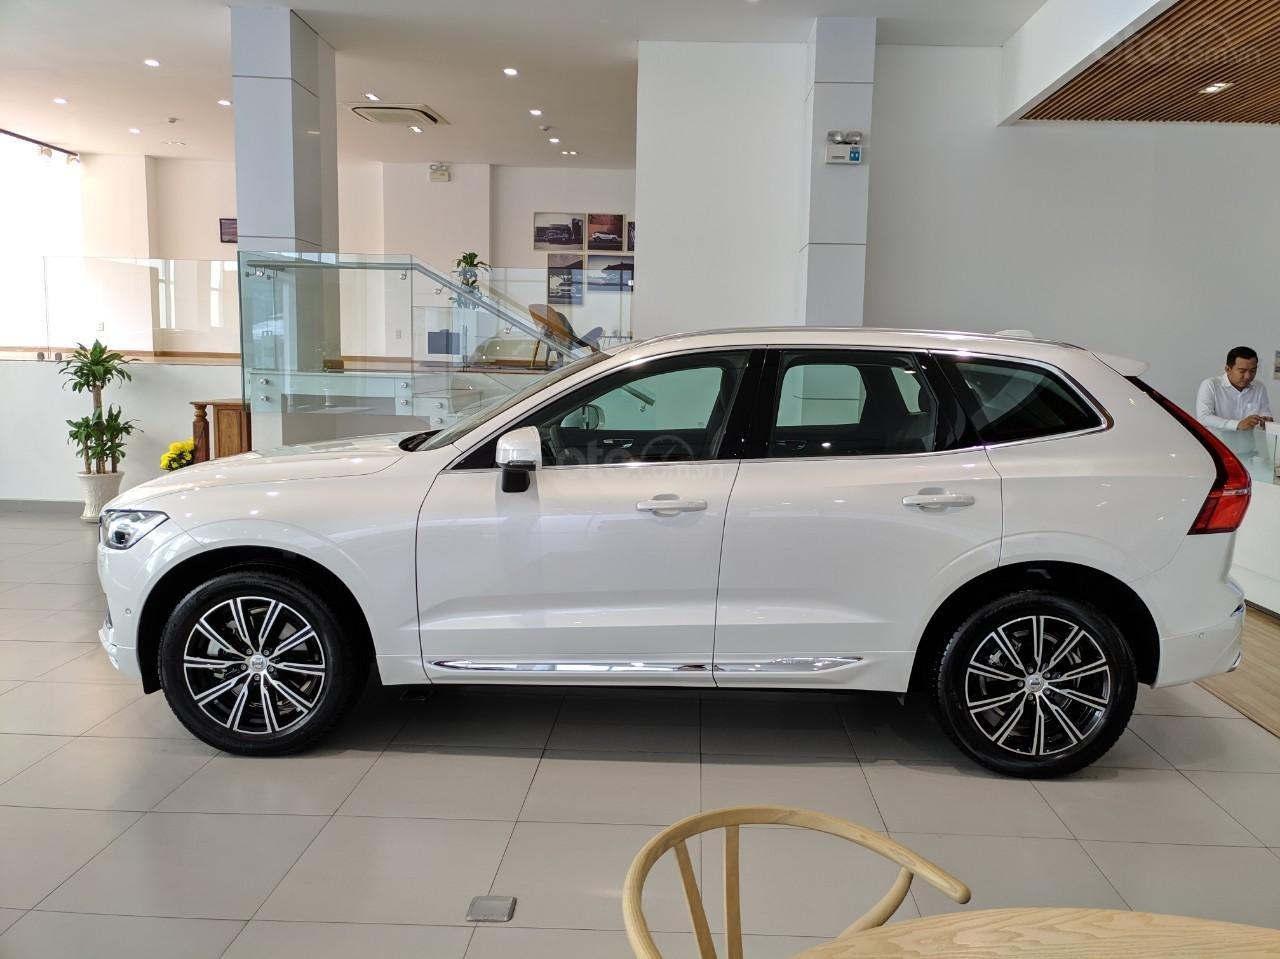 Bán xe Volvo XC60 nhập khẩu chính hãng, full option  (1)